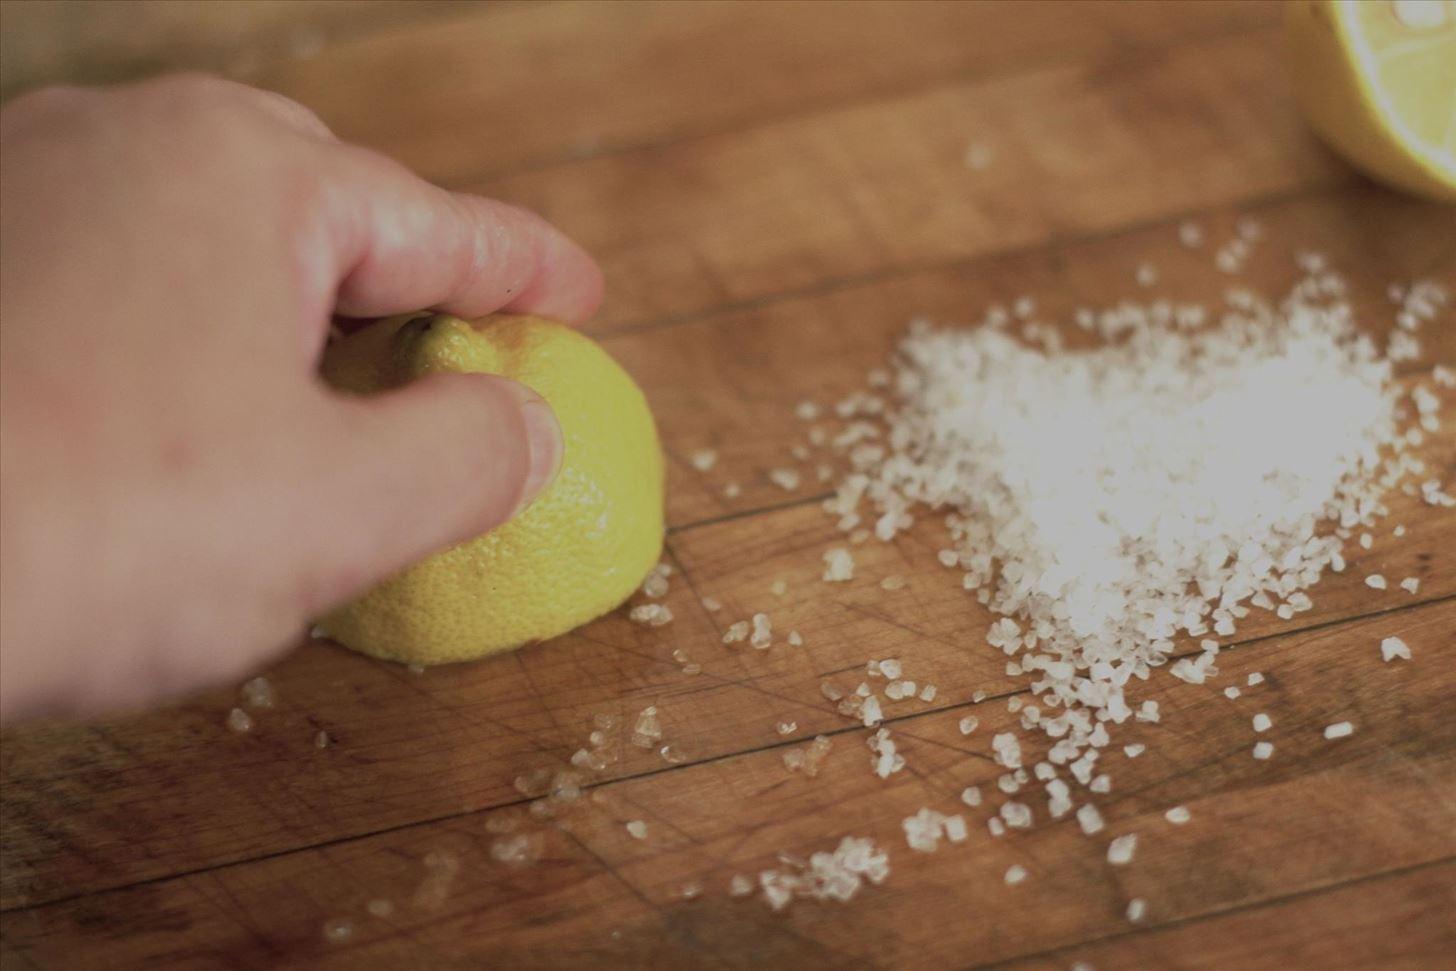 Чистящее средство своими руками - уникальный рецепт. чистящее средство своими руками - уникальный рецепт.